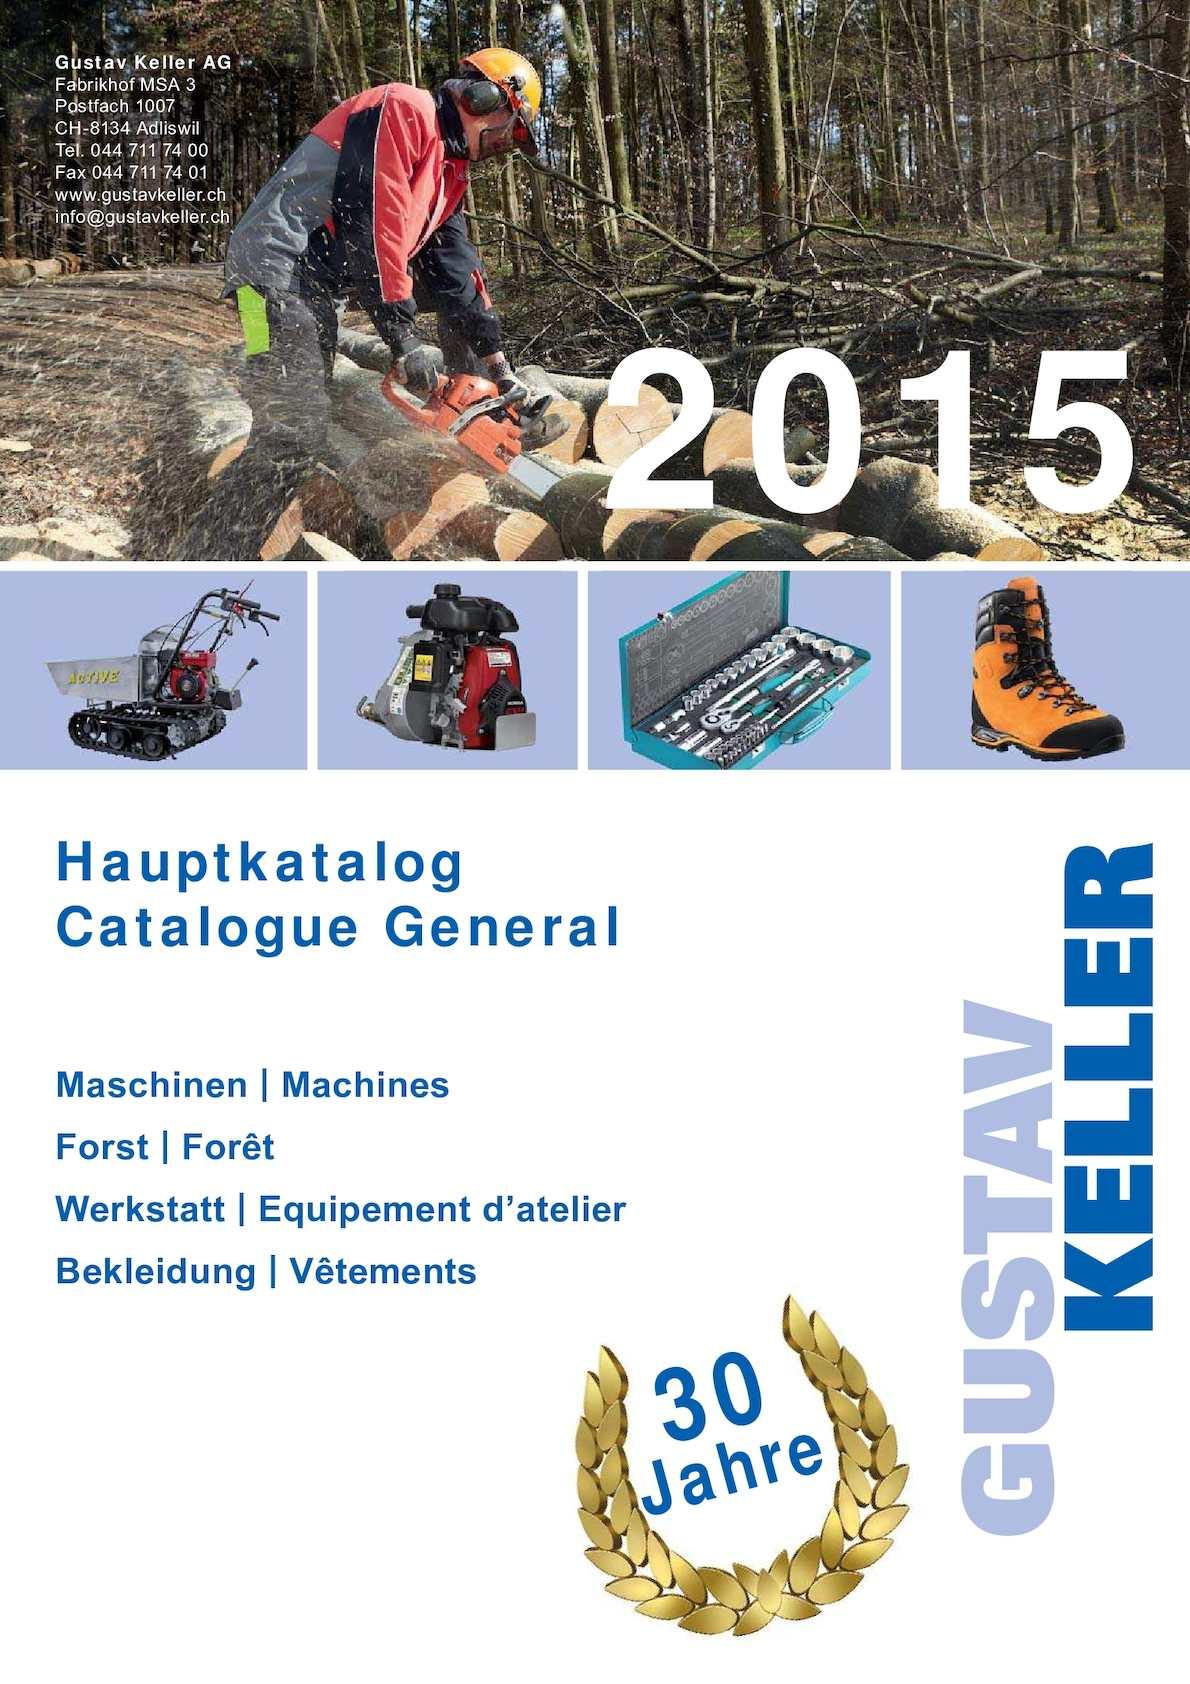 Nettoyage Jardin Frais Calaméo Hauptkatalog 2015 Low Of 32 Luxe Nettoyage Jardin